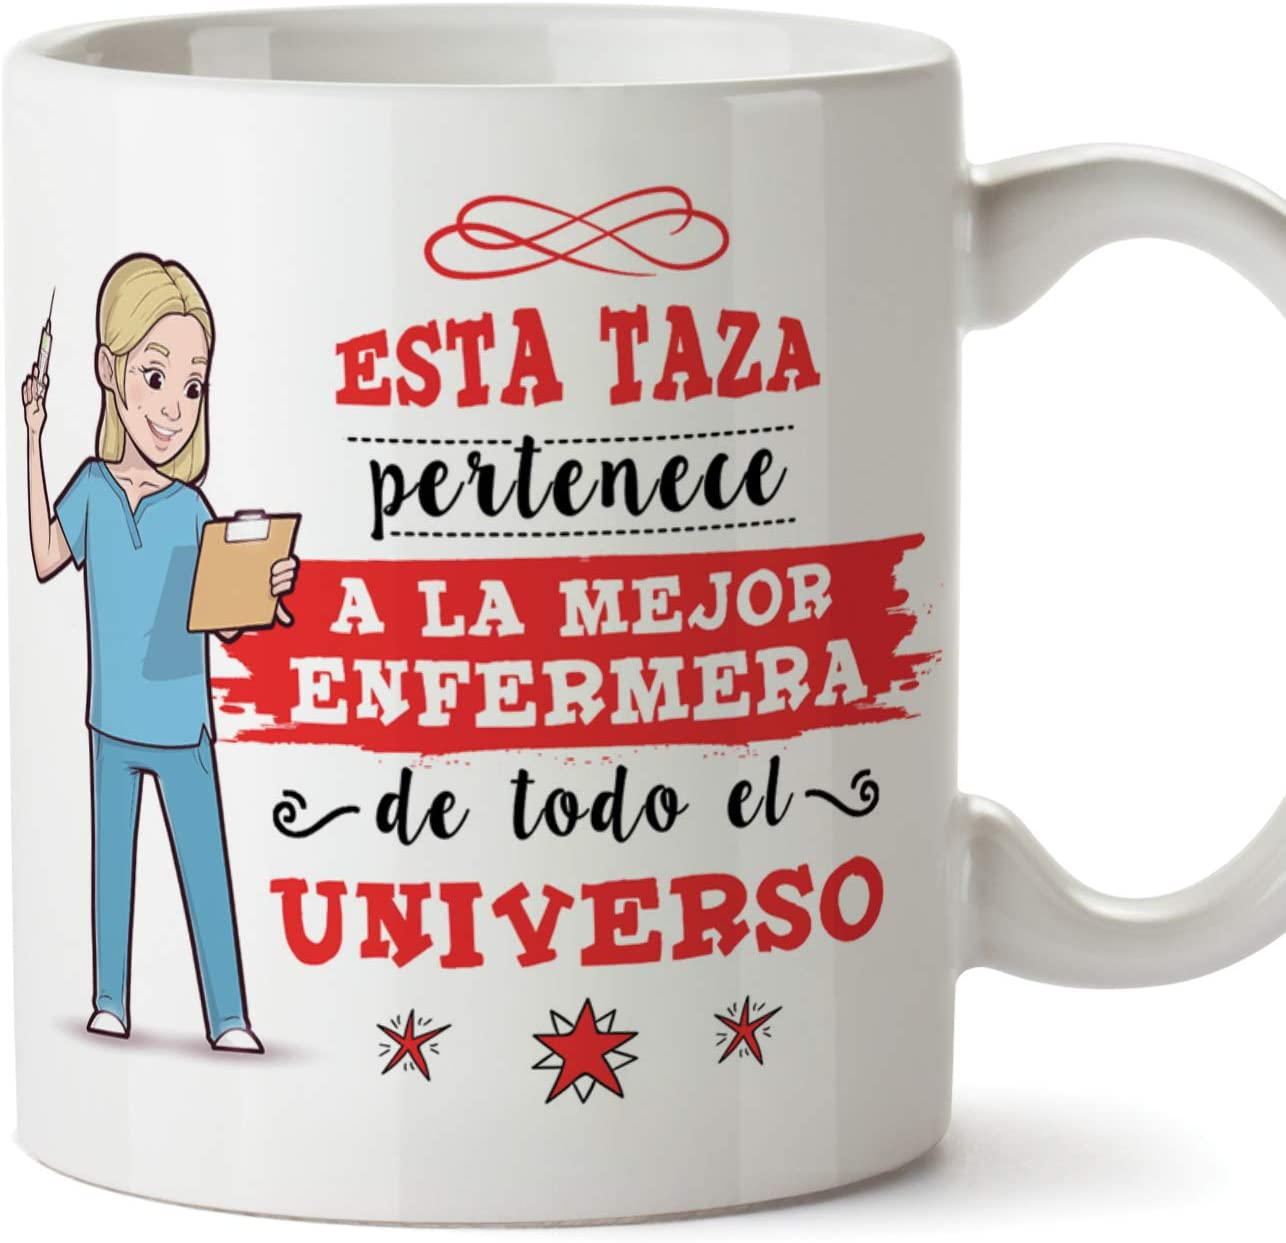 MUGFFINS Enfermera Tazas Originales de café y Desayuno para Regalar a Trabajadores Profesionales - Esta Taza Pertenece a la Mejor Enfermera del Unive